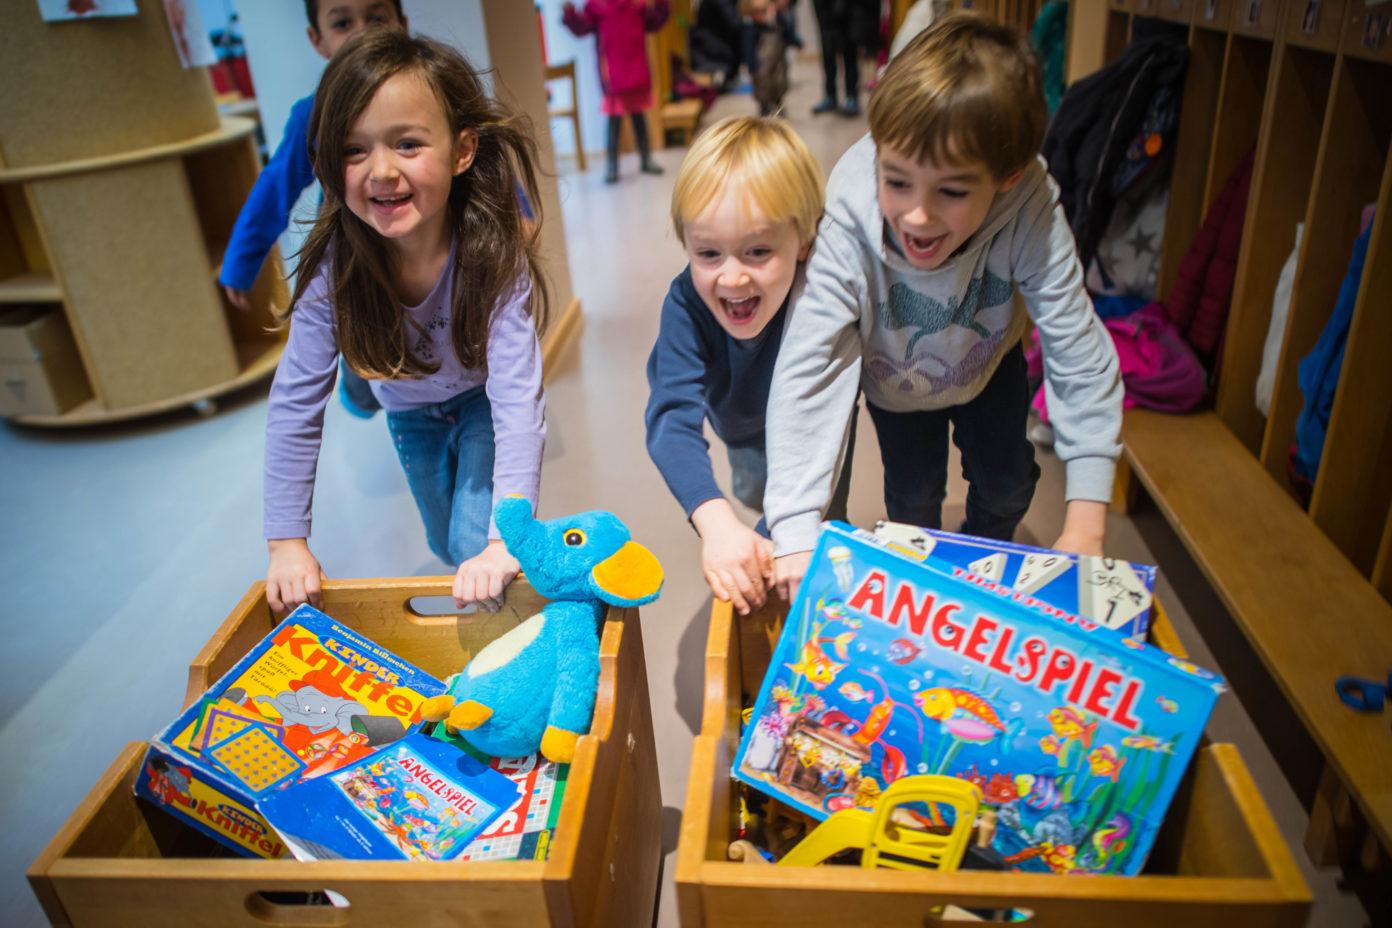 Drei Kinder schieben begeistert Spielzeugkisten durch die Kita.